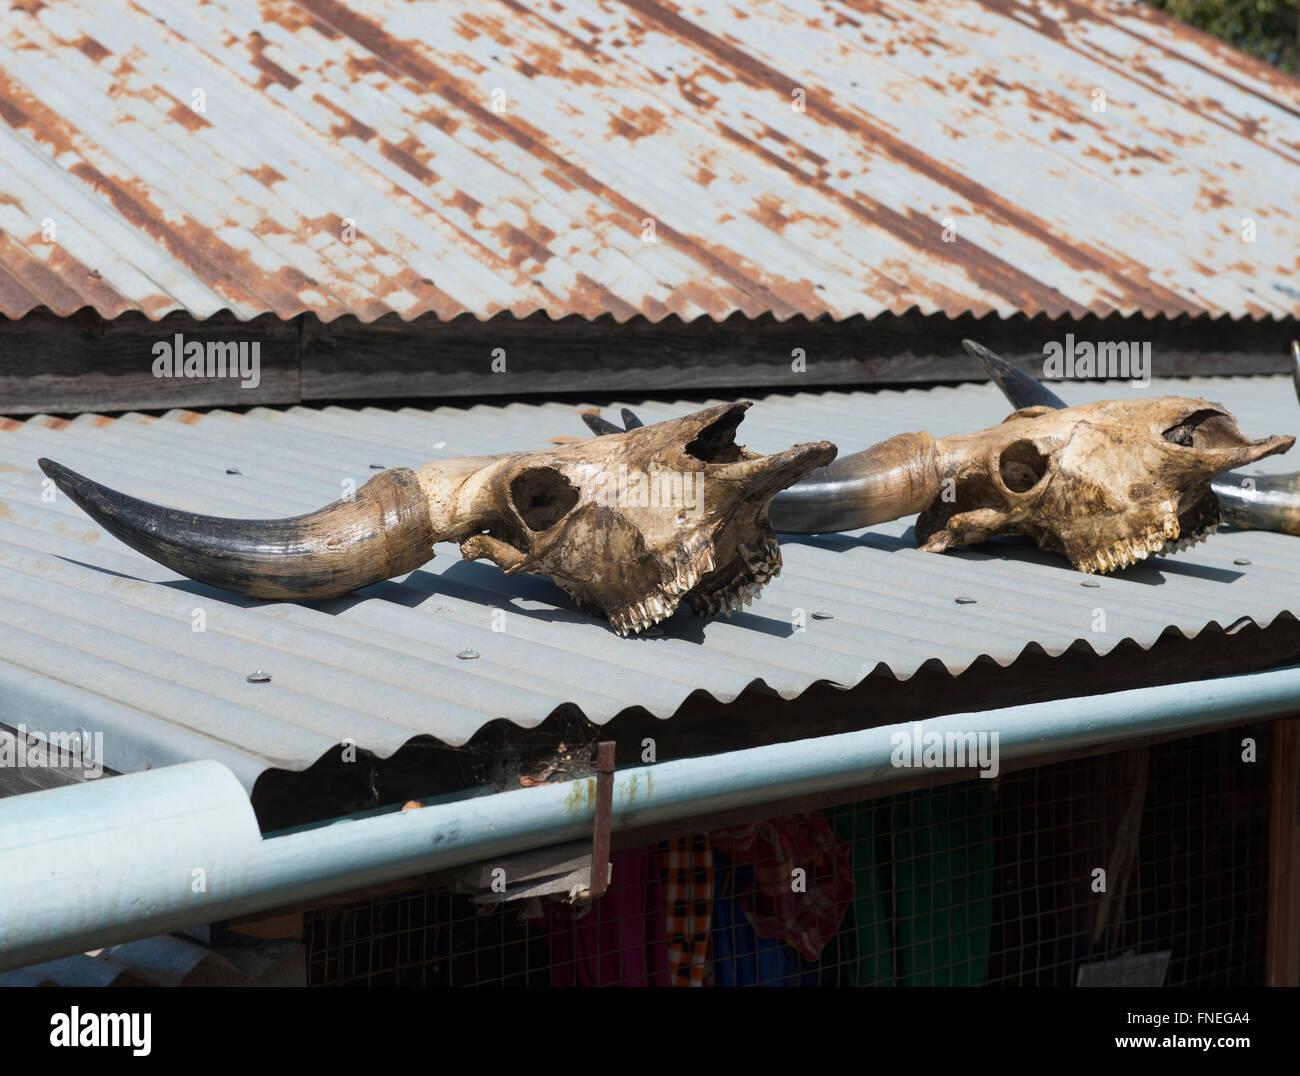 Bufalo d'acqua teschi sul tetto, credenza locale in Mindat, Stato Chin Stato, Myanmar Immagini Stock